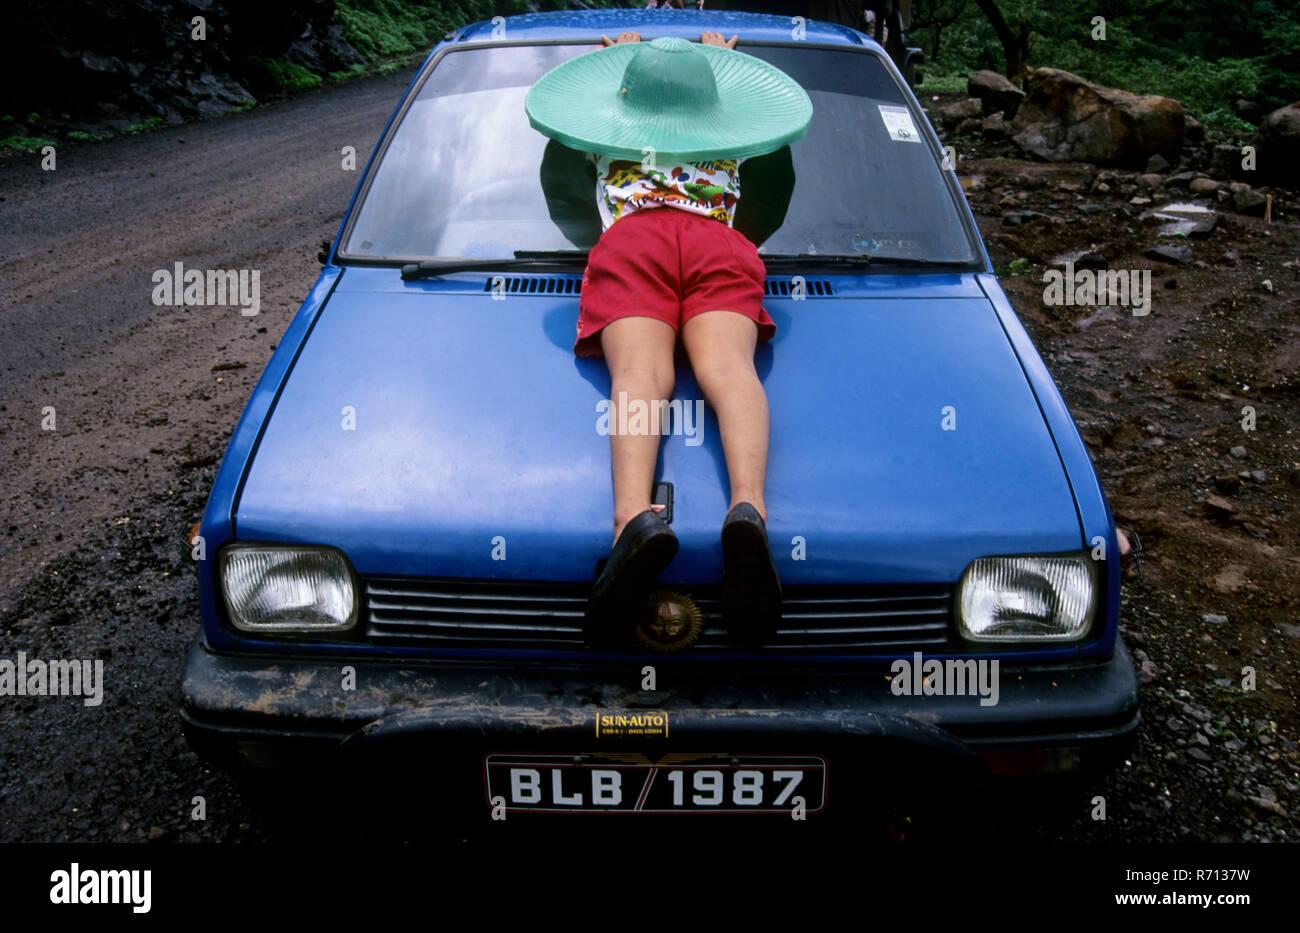 Un angolo di rara vista del ragazzo dormiva sul cofano di maruti car Immagini Stock